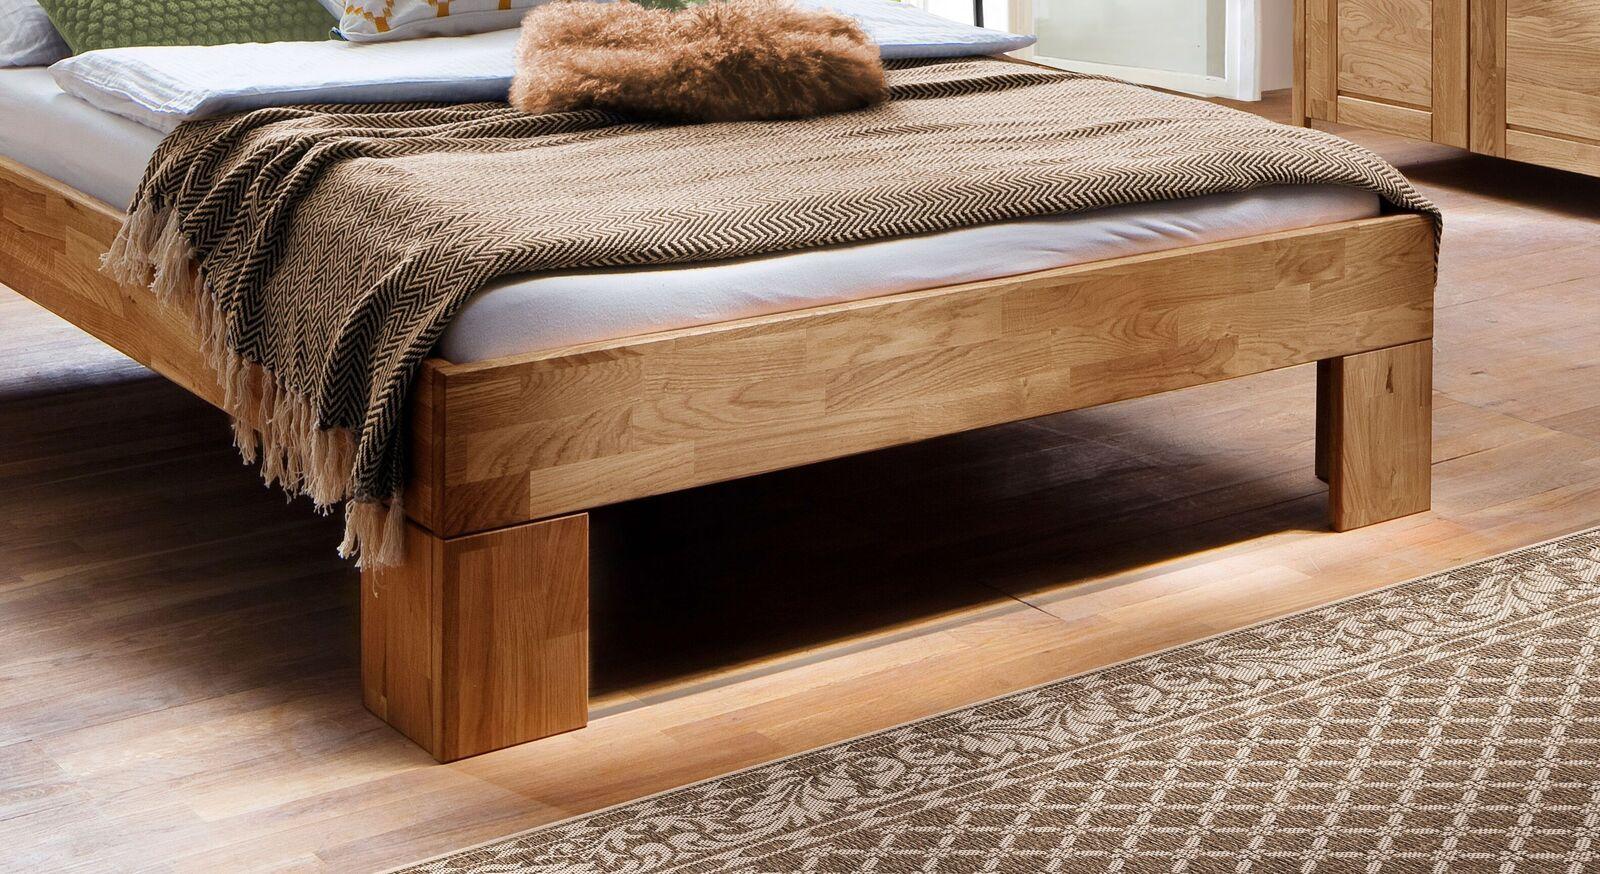 Bett Pasja mit robusten Winkelfüßen